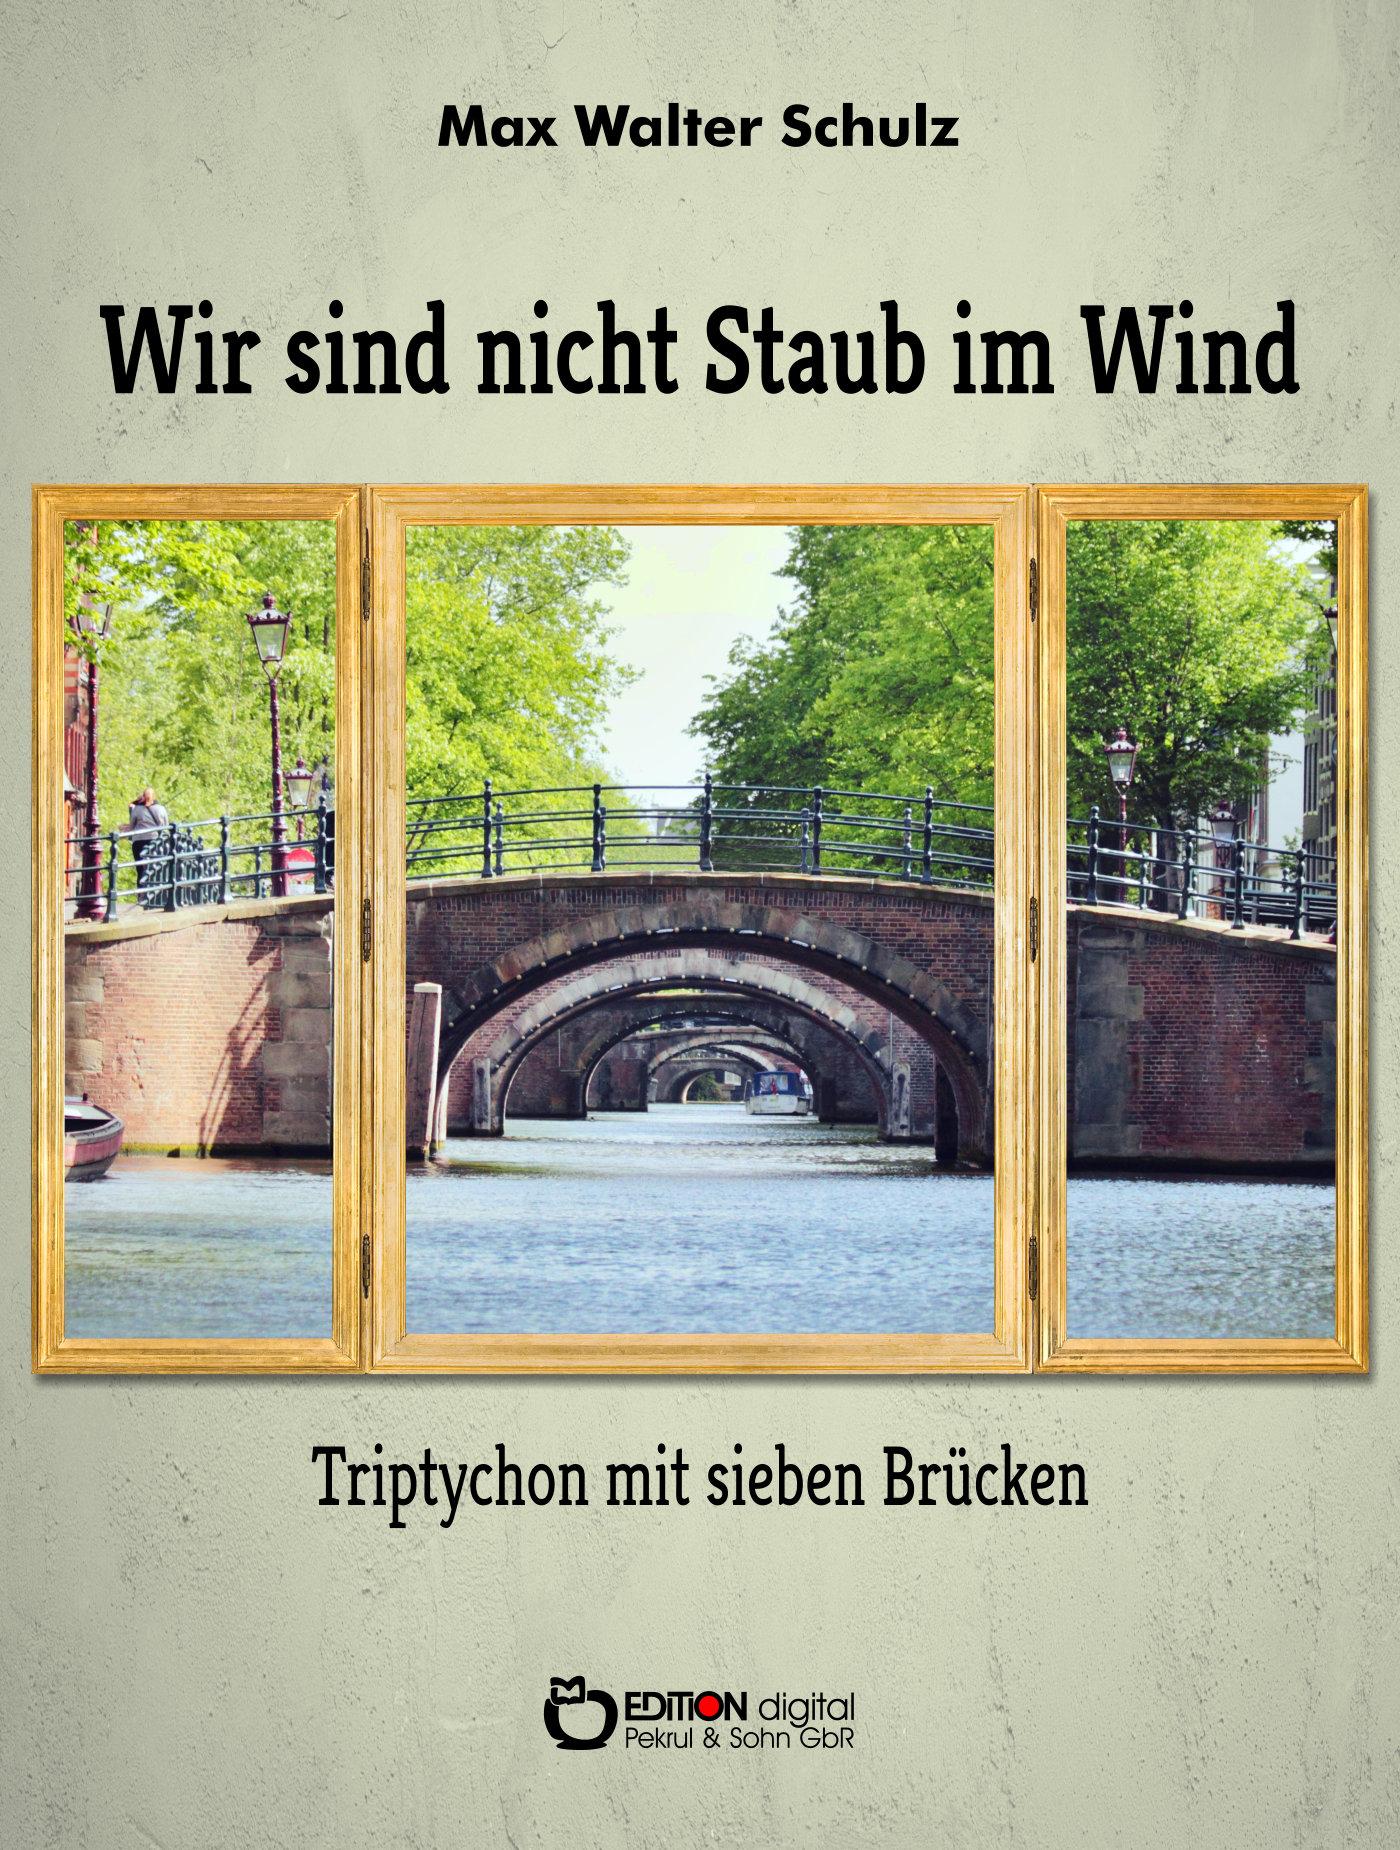 Wir sind nicht Staub im Wind - Triptychon mit sieben Brücken von Max Walter Schulz